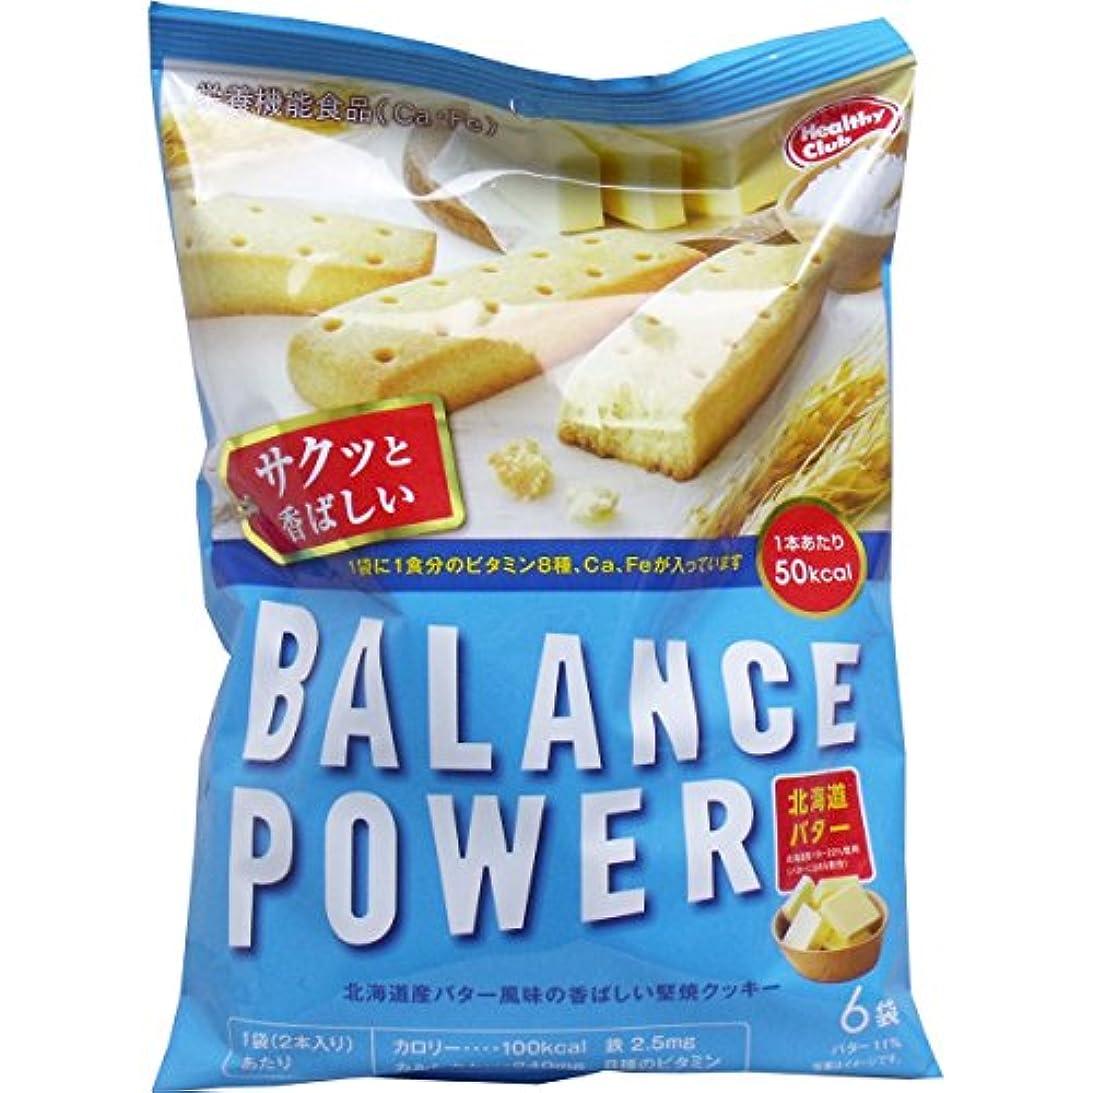 苦しむ極端な化学者バランスパワー 北海道バター味 6袋(12本)入